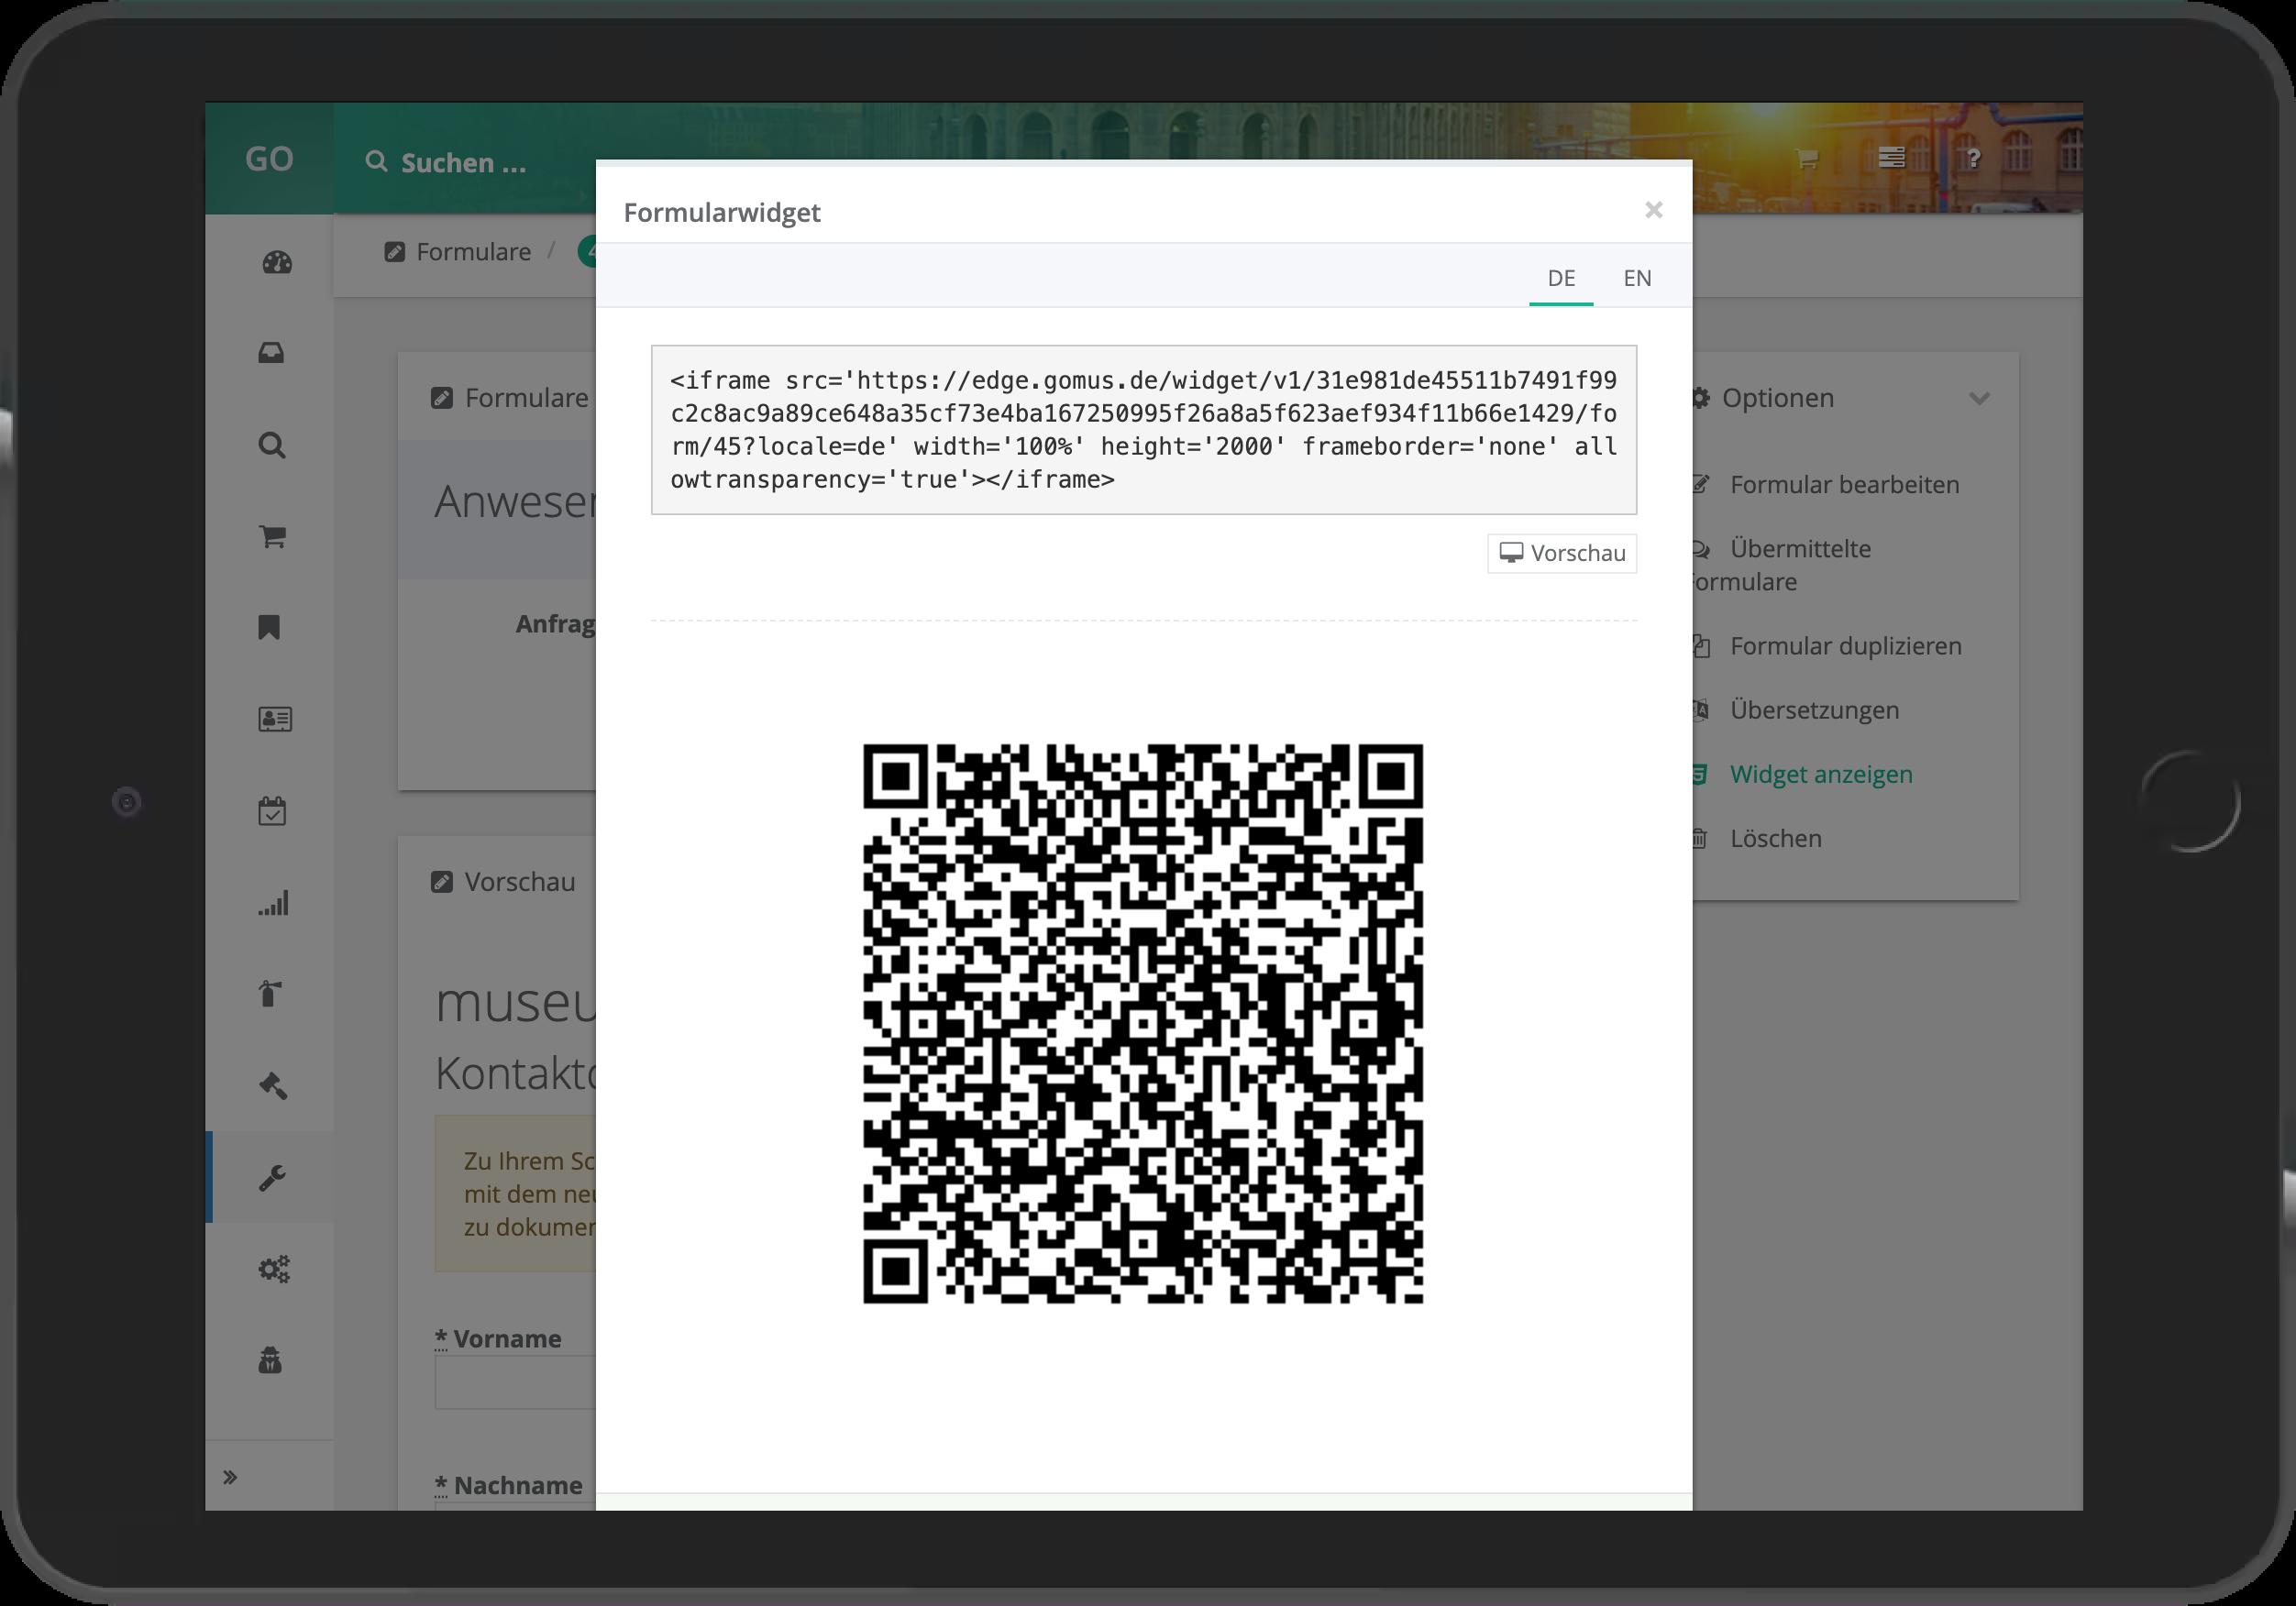 Ausspielung des Formulars als iFrame und QR-Code